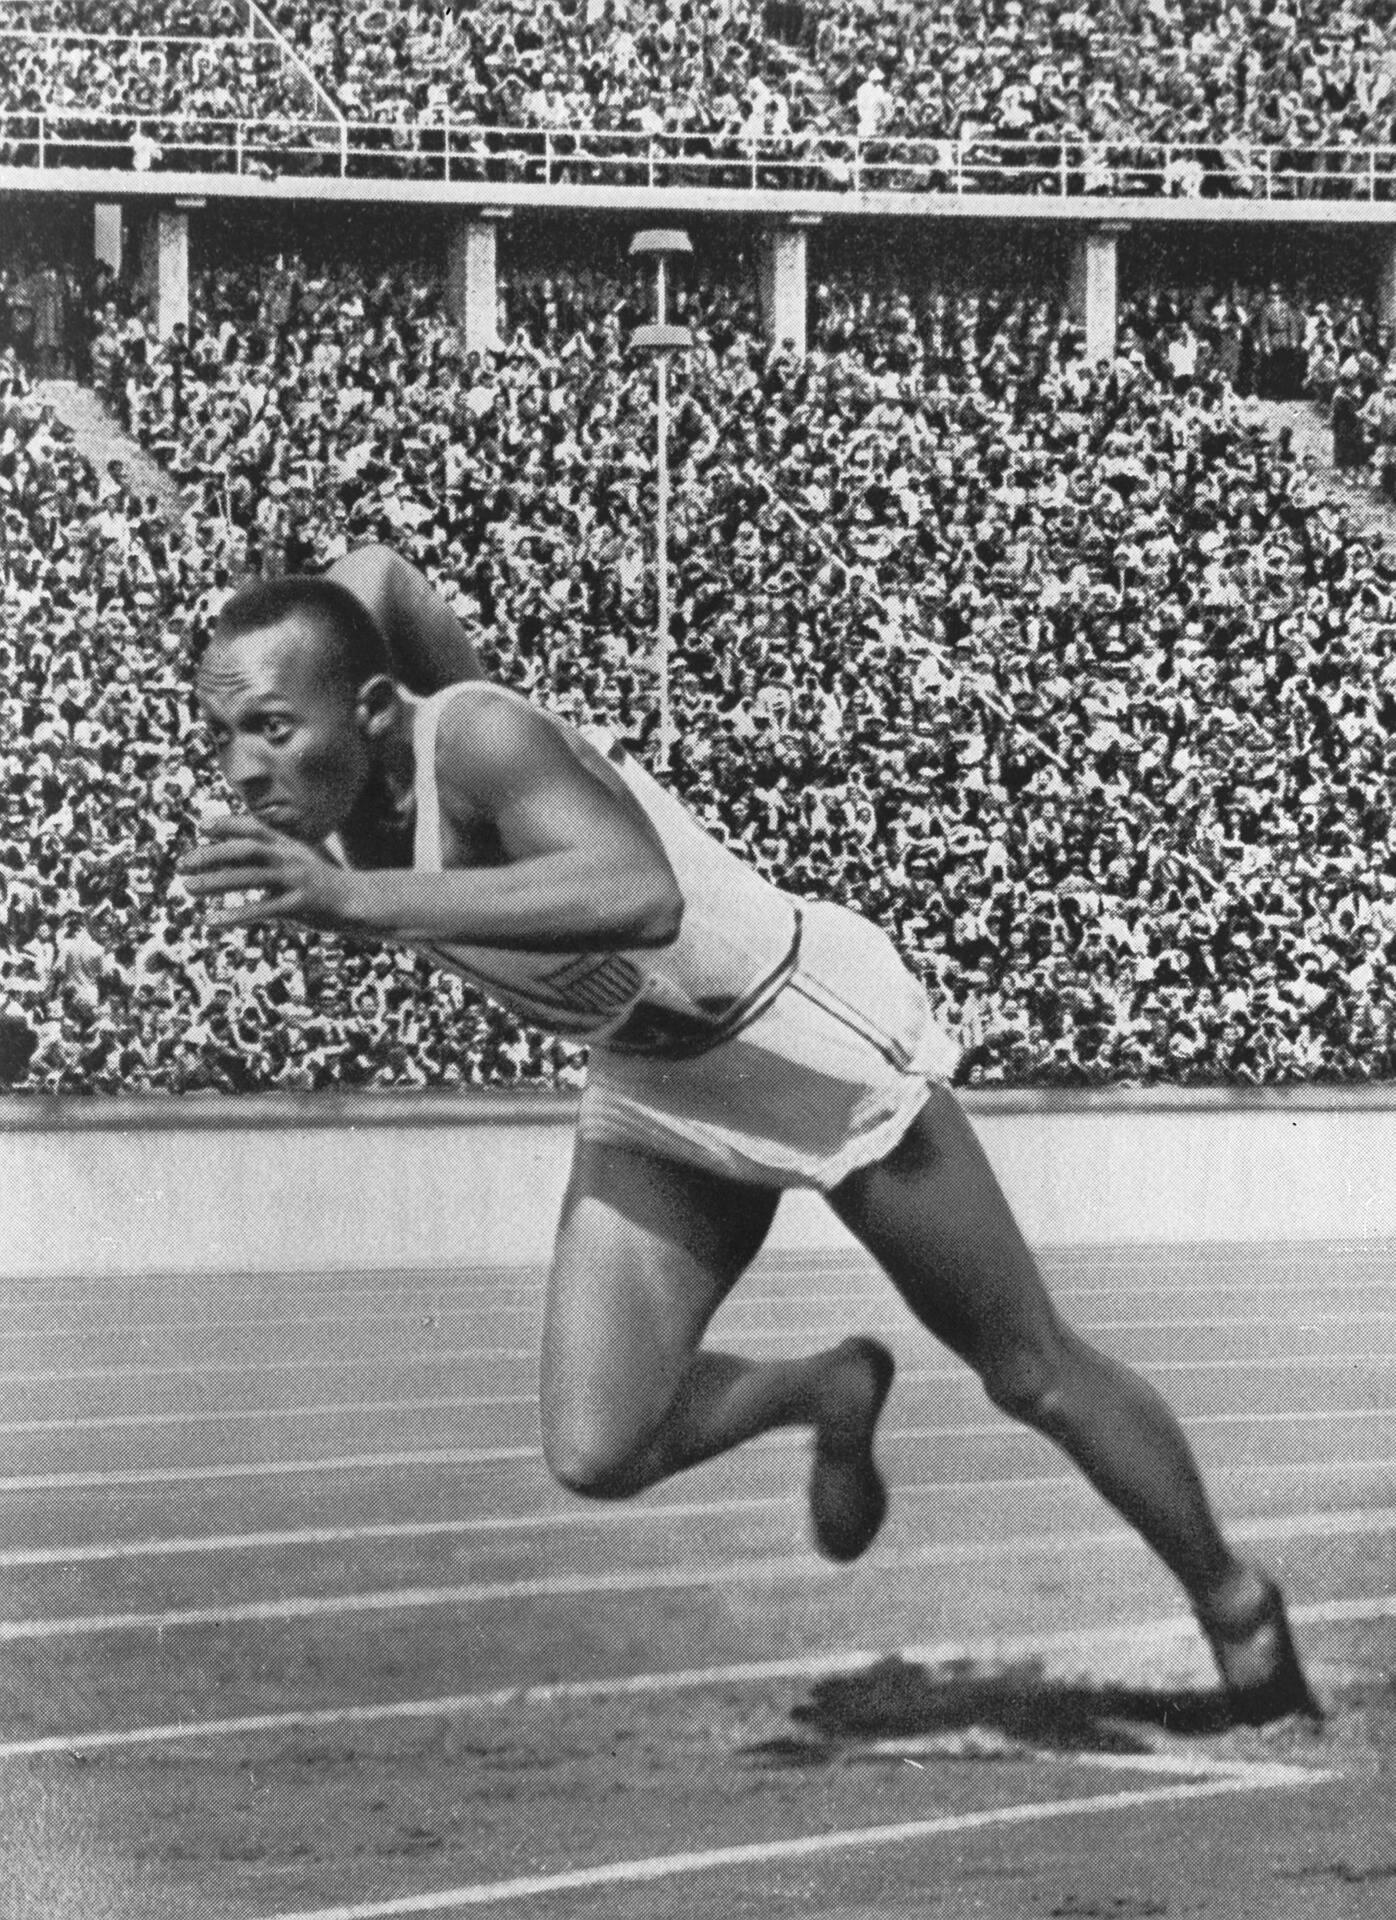 Jesse Owens fez história ganhando quatro medalhas, quando participou das Olímpiadas na Alemanha Nazista, regime considerado racista (Foto: Pixabay)